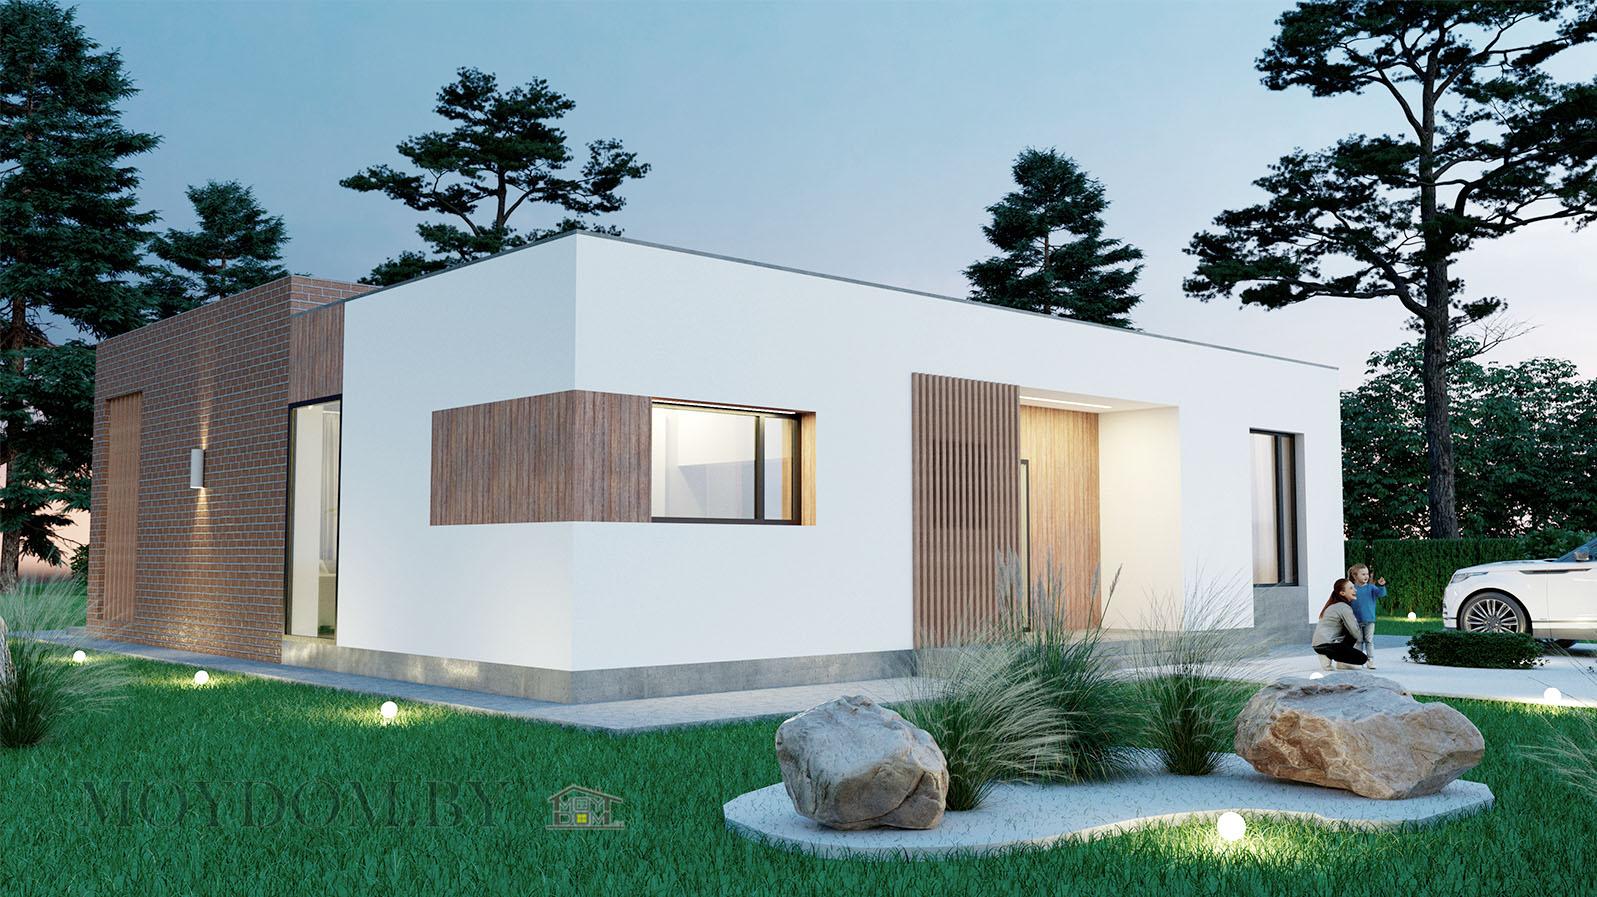 проект современного дома 898 с тремя комнатами